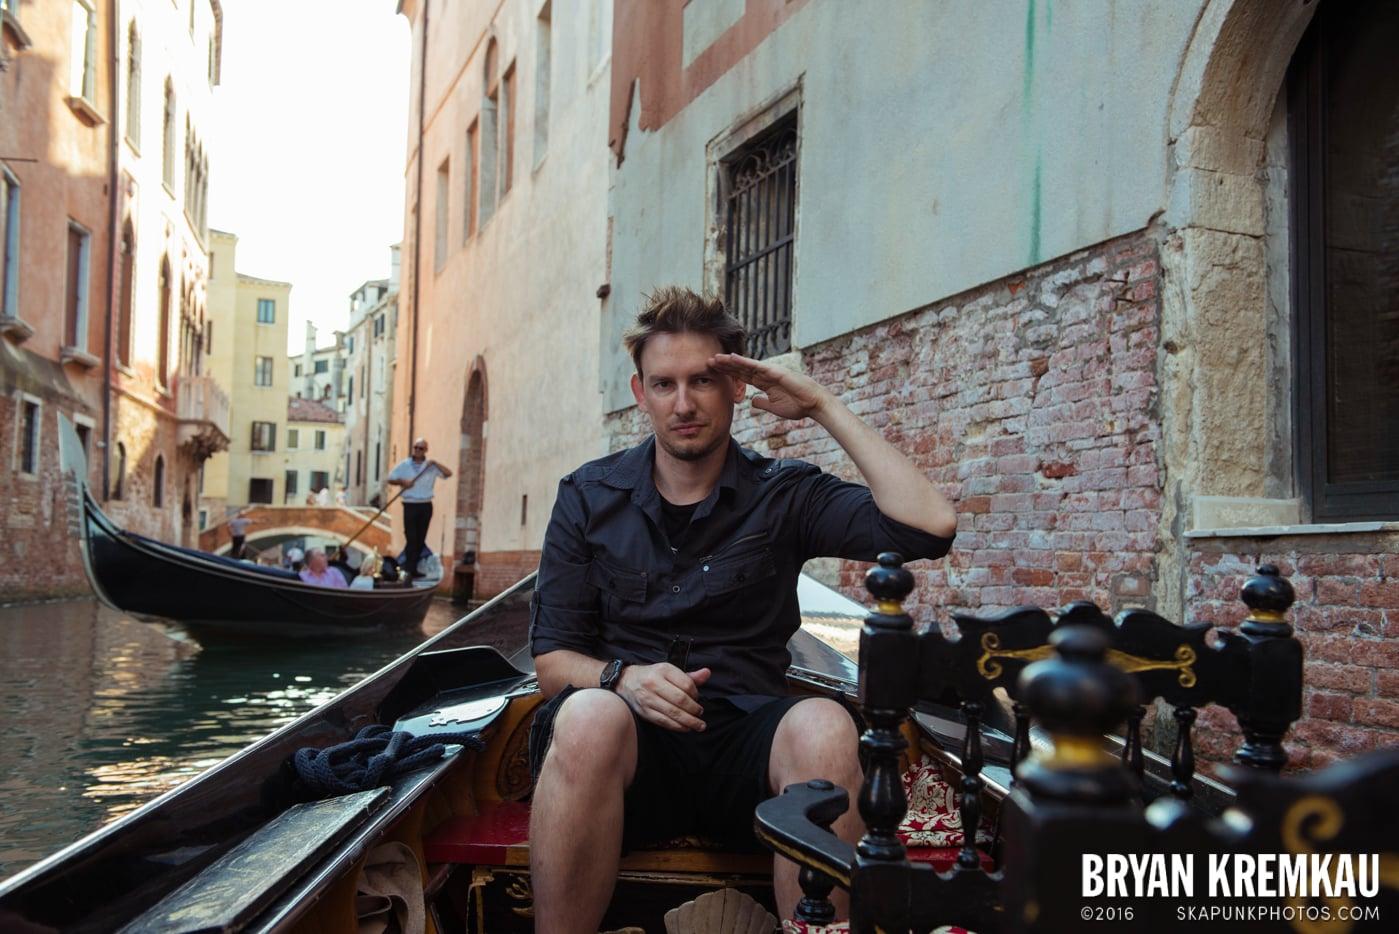 Italy Vacation - Day 5: Venice - 9.13.13 (15)